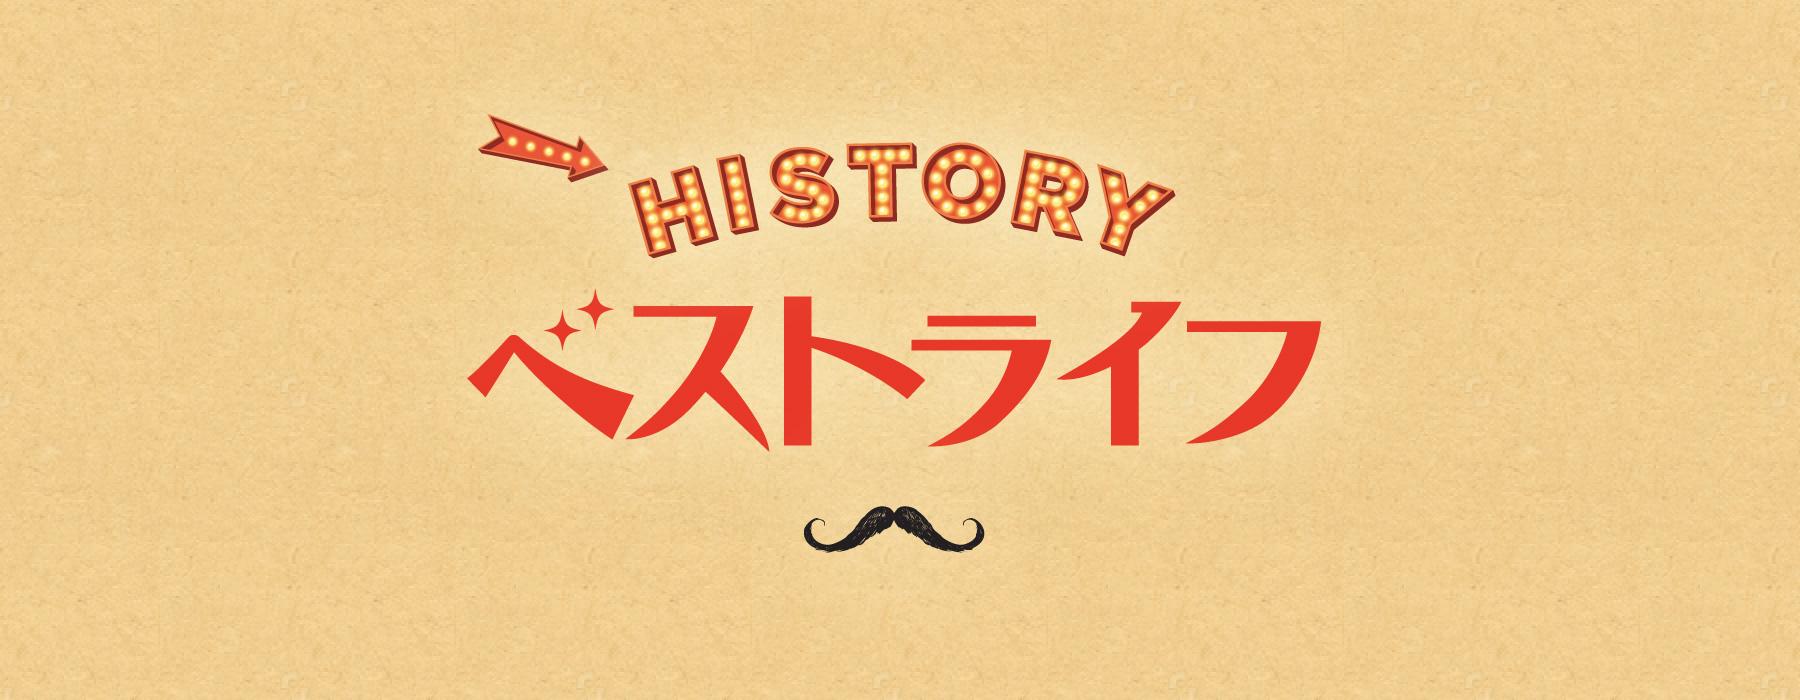 HISTORY ベストライフ